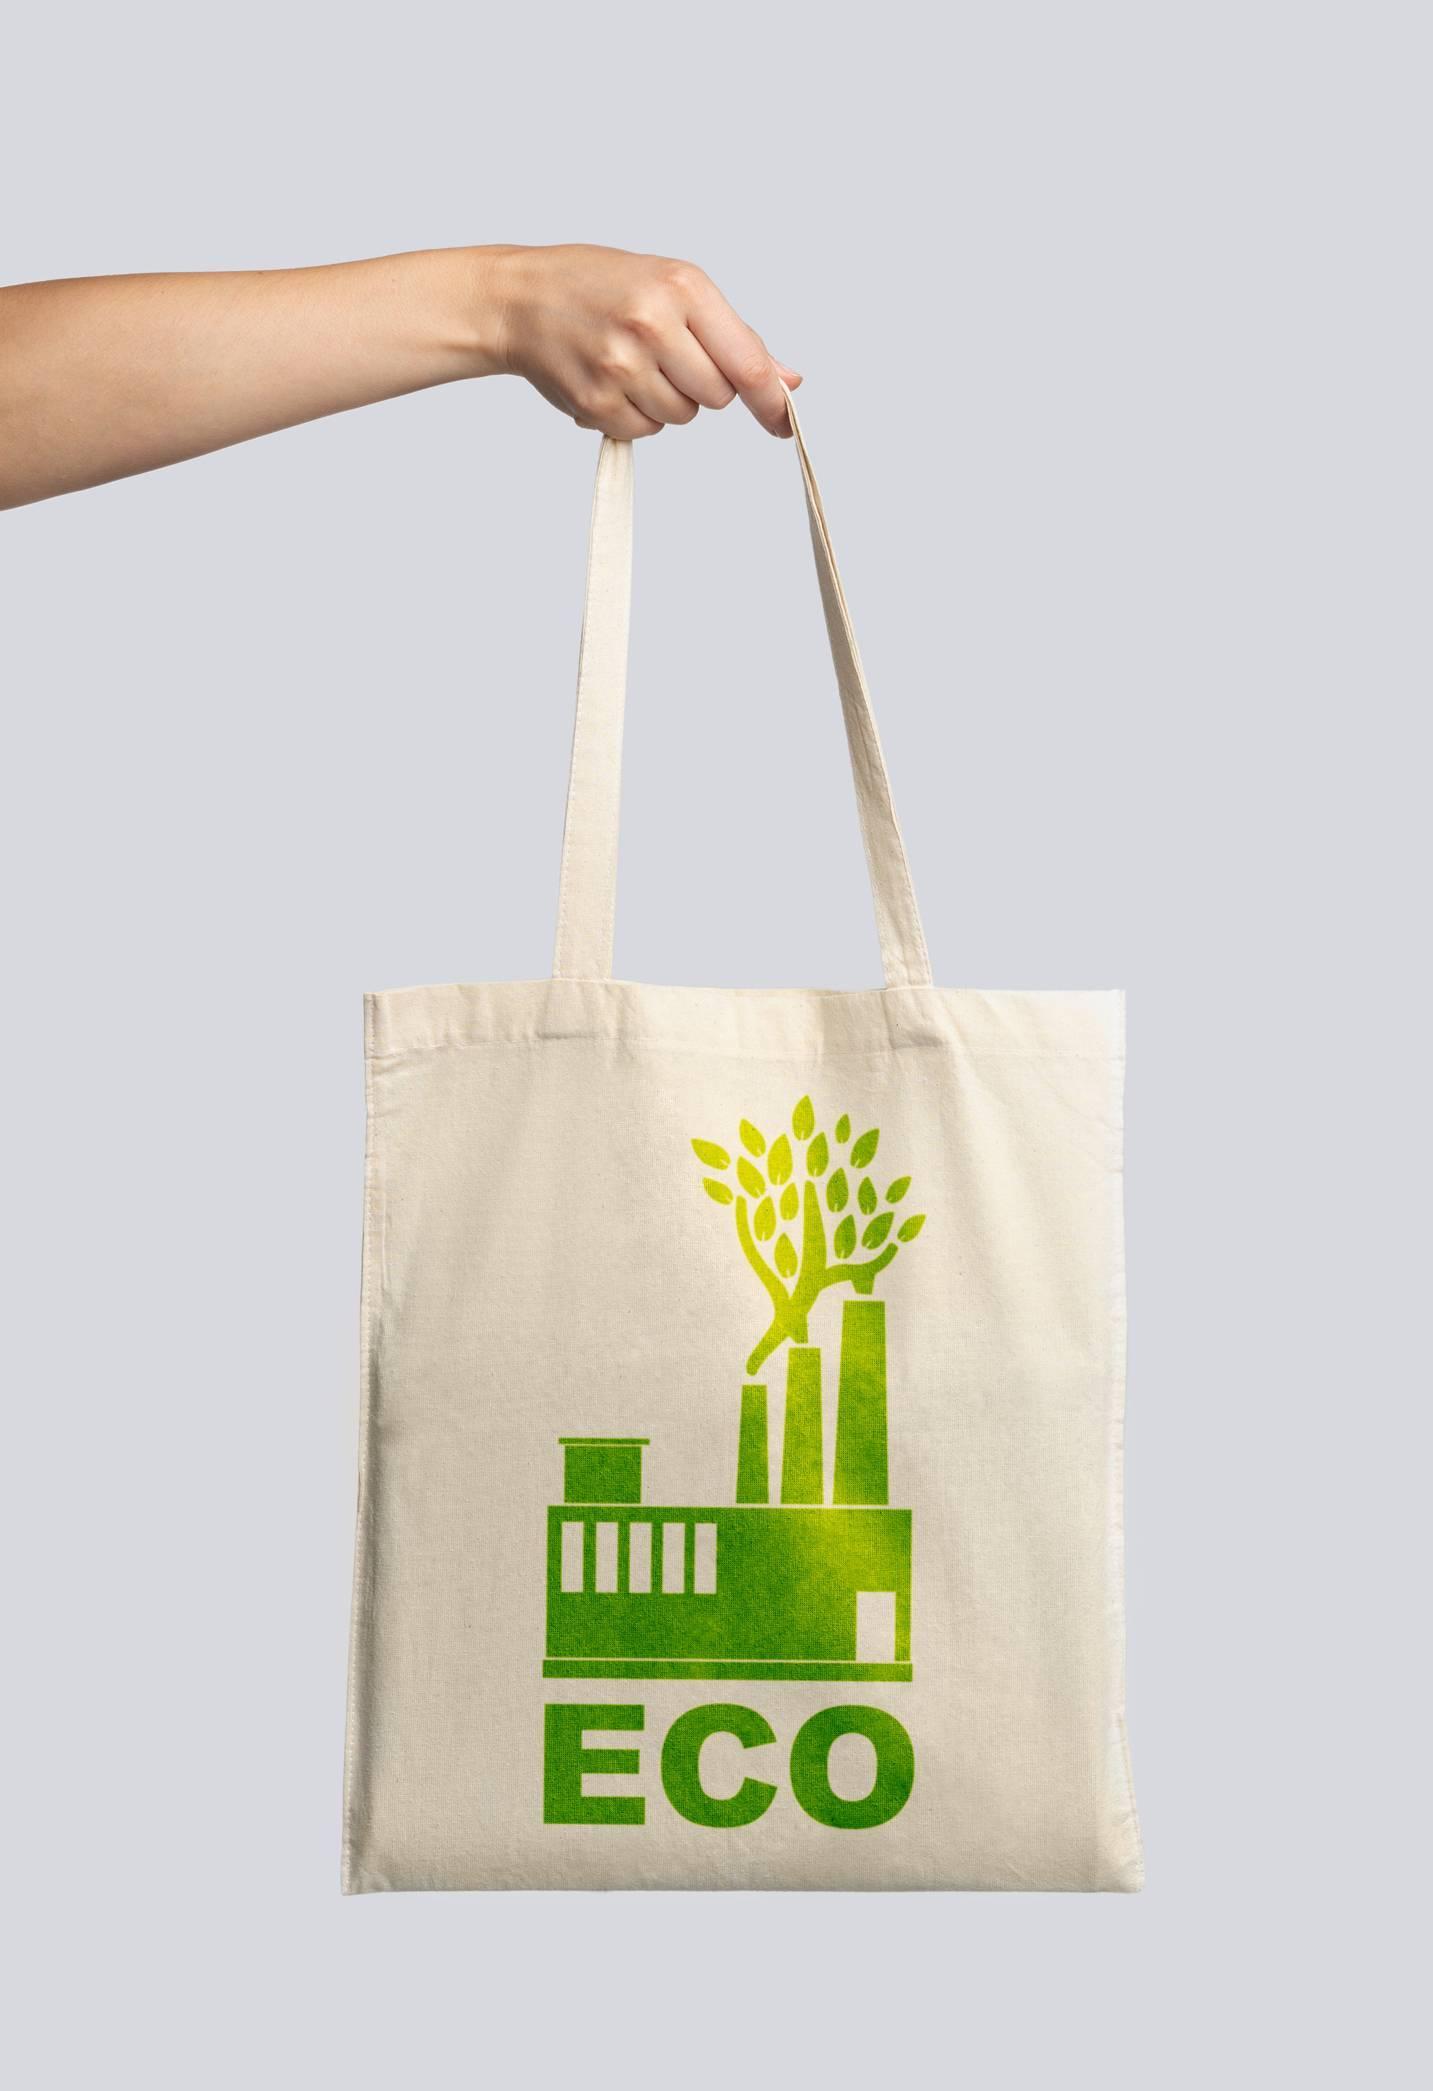 Le sac publicitaire permet de diffuser sa marque à moindre coût.